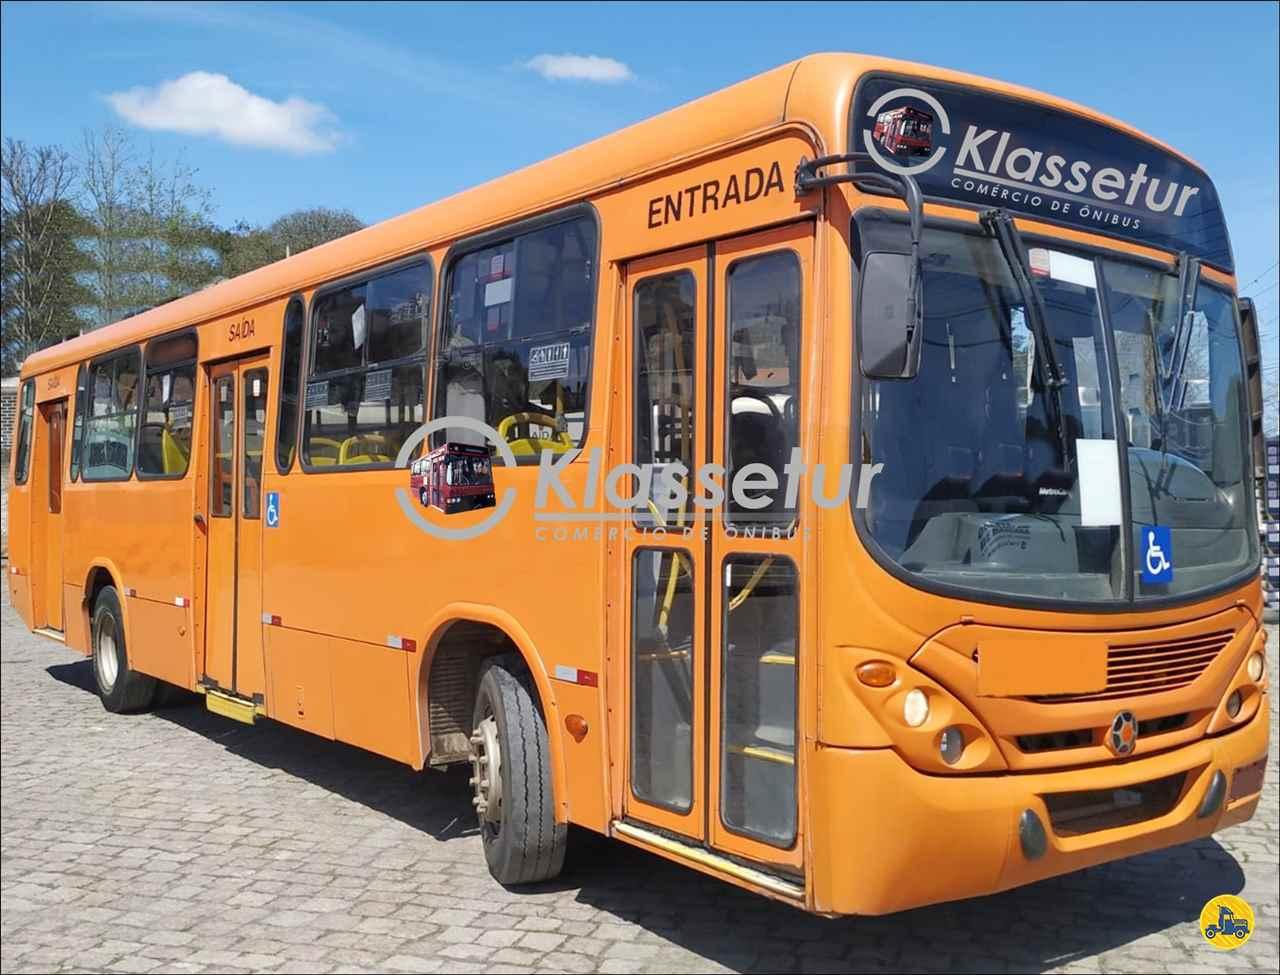 ONIBUS MARCOPOLO Torino Tração 4x2 Klassetur Comércio de Ônibus CURITIBA PARANÁ PR